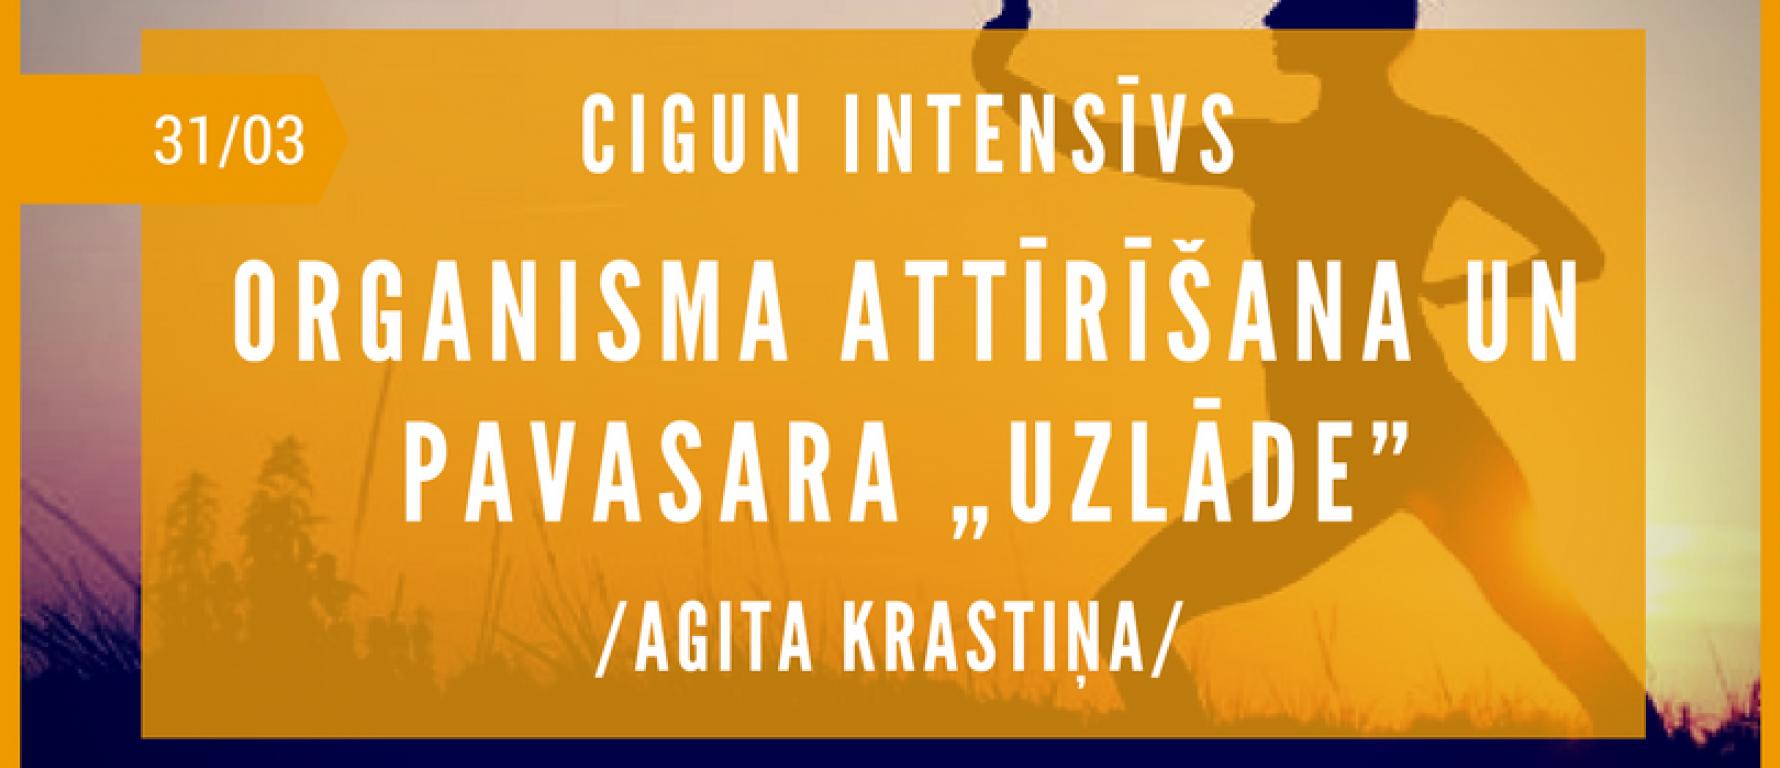 """CIGUN INTENSĪVS – ORGANISMA ATTĪRĪŠANA UN PAVASARA """"UZLĀDE"""""""